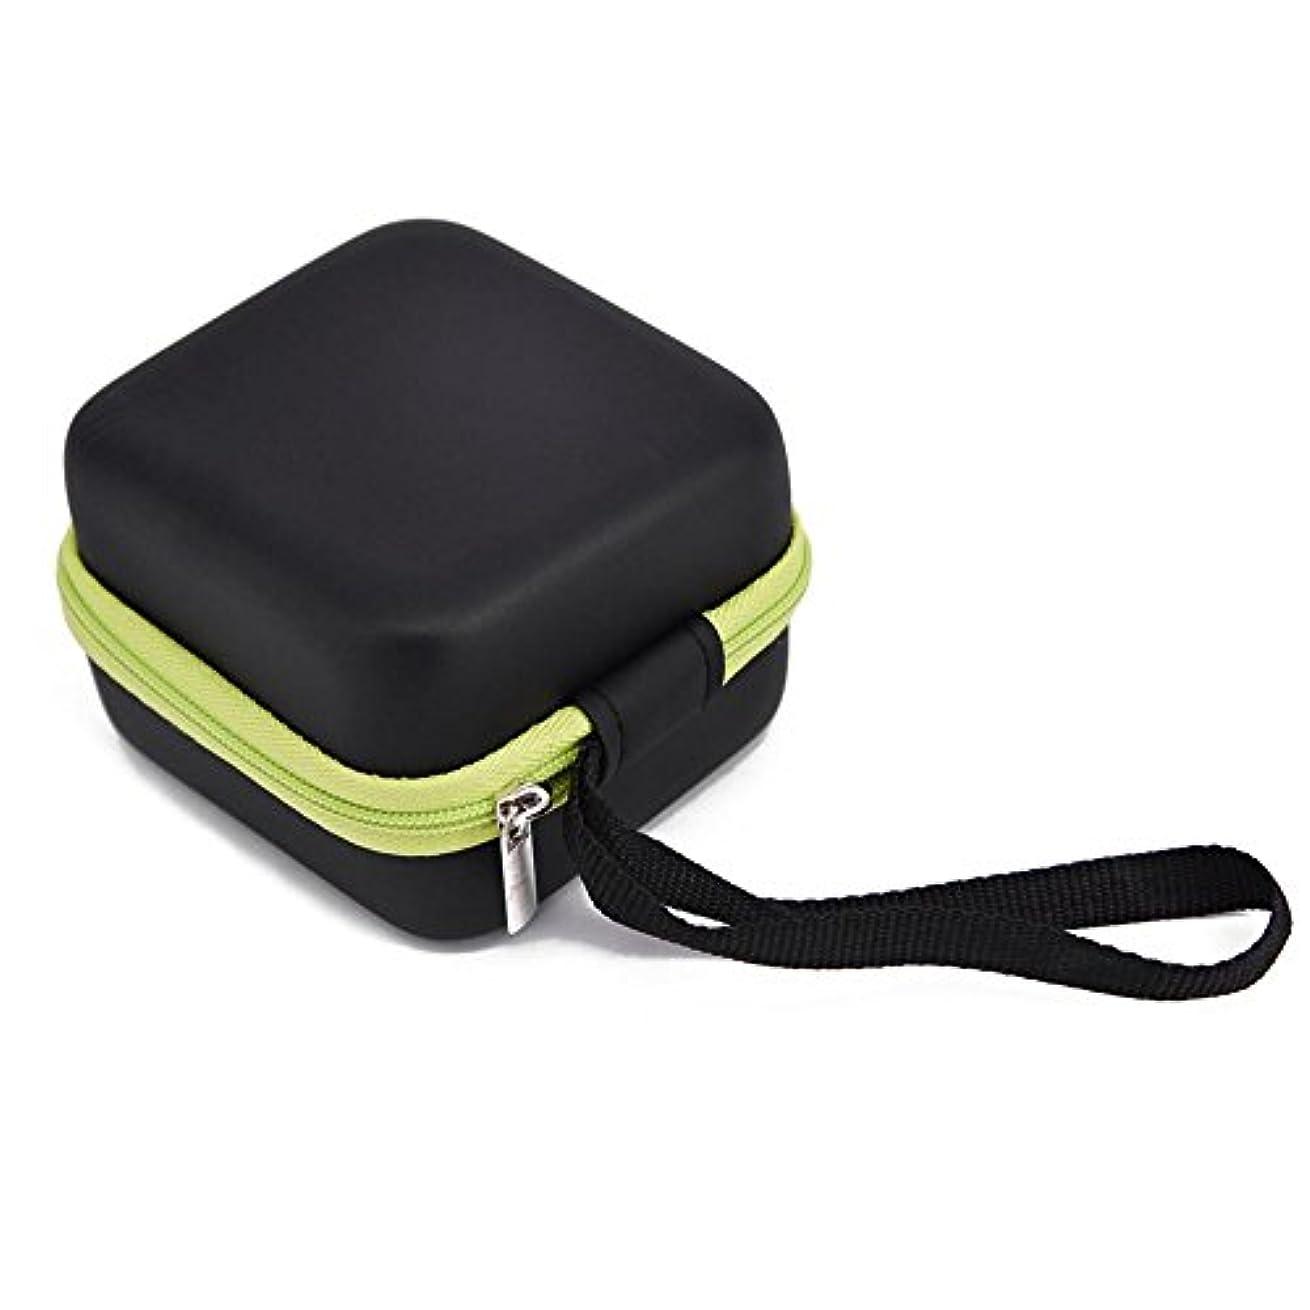 Farlong 7グリッド 5ML 精油貯蔵袋 エスニックスタイル オイル収納ボックス 人気の 精油 ケース 5色